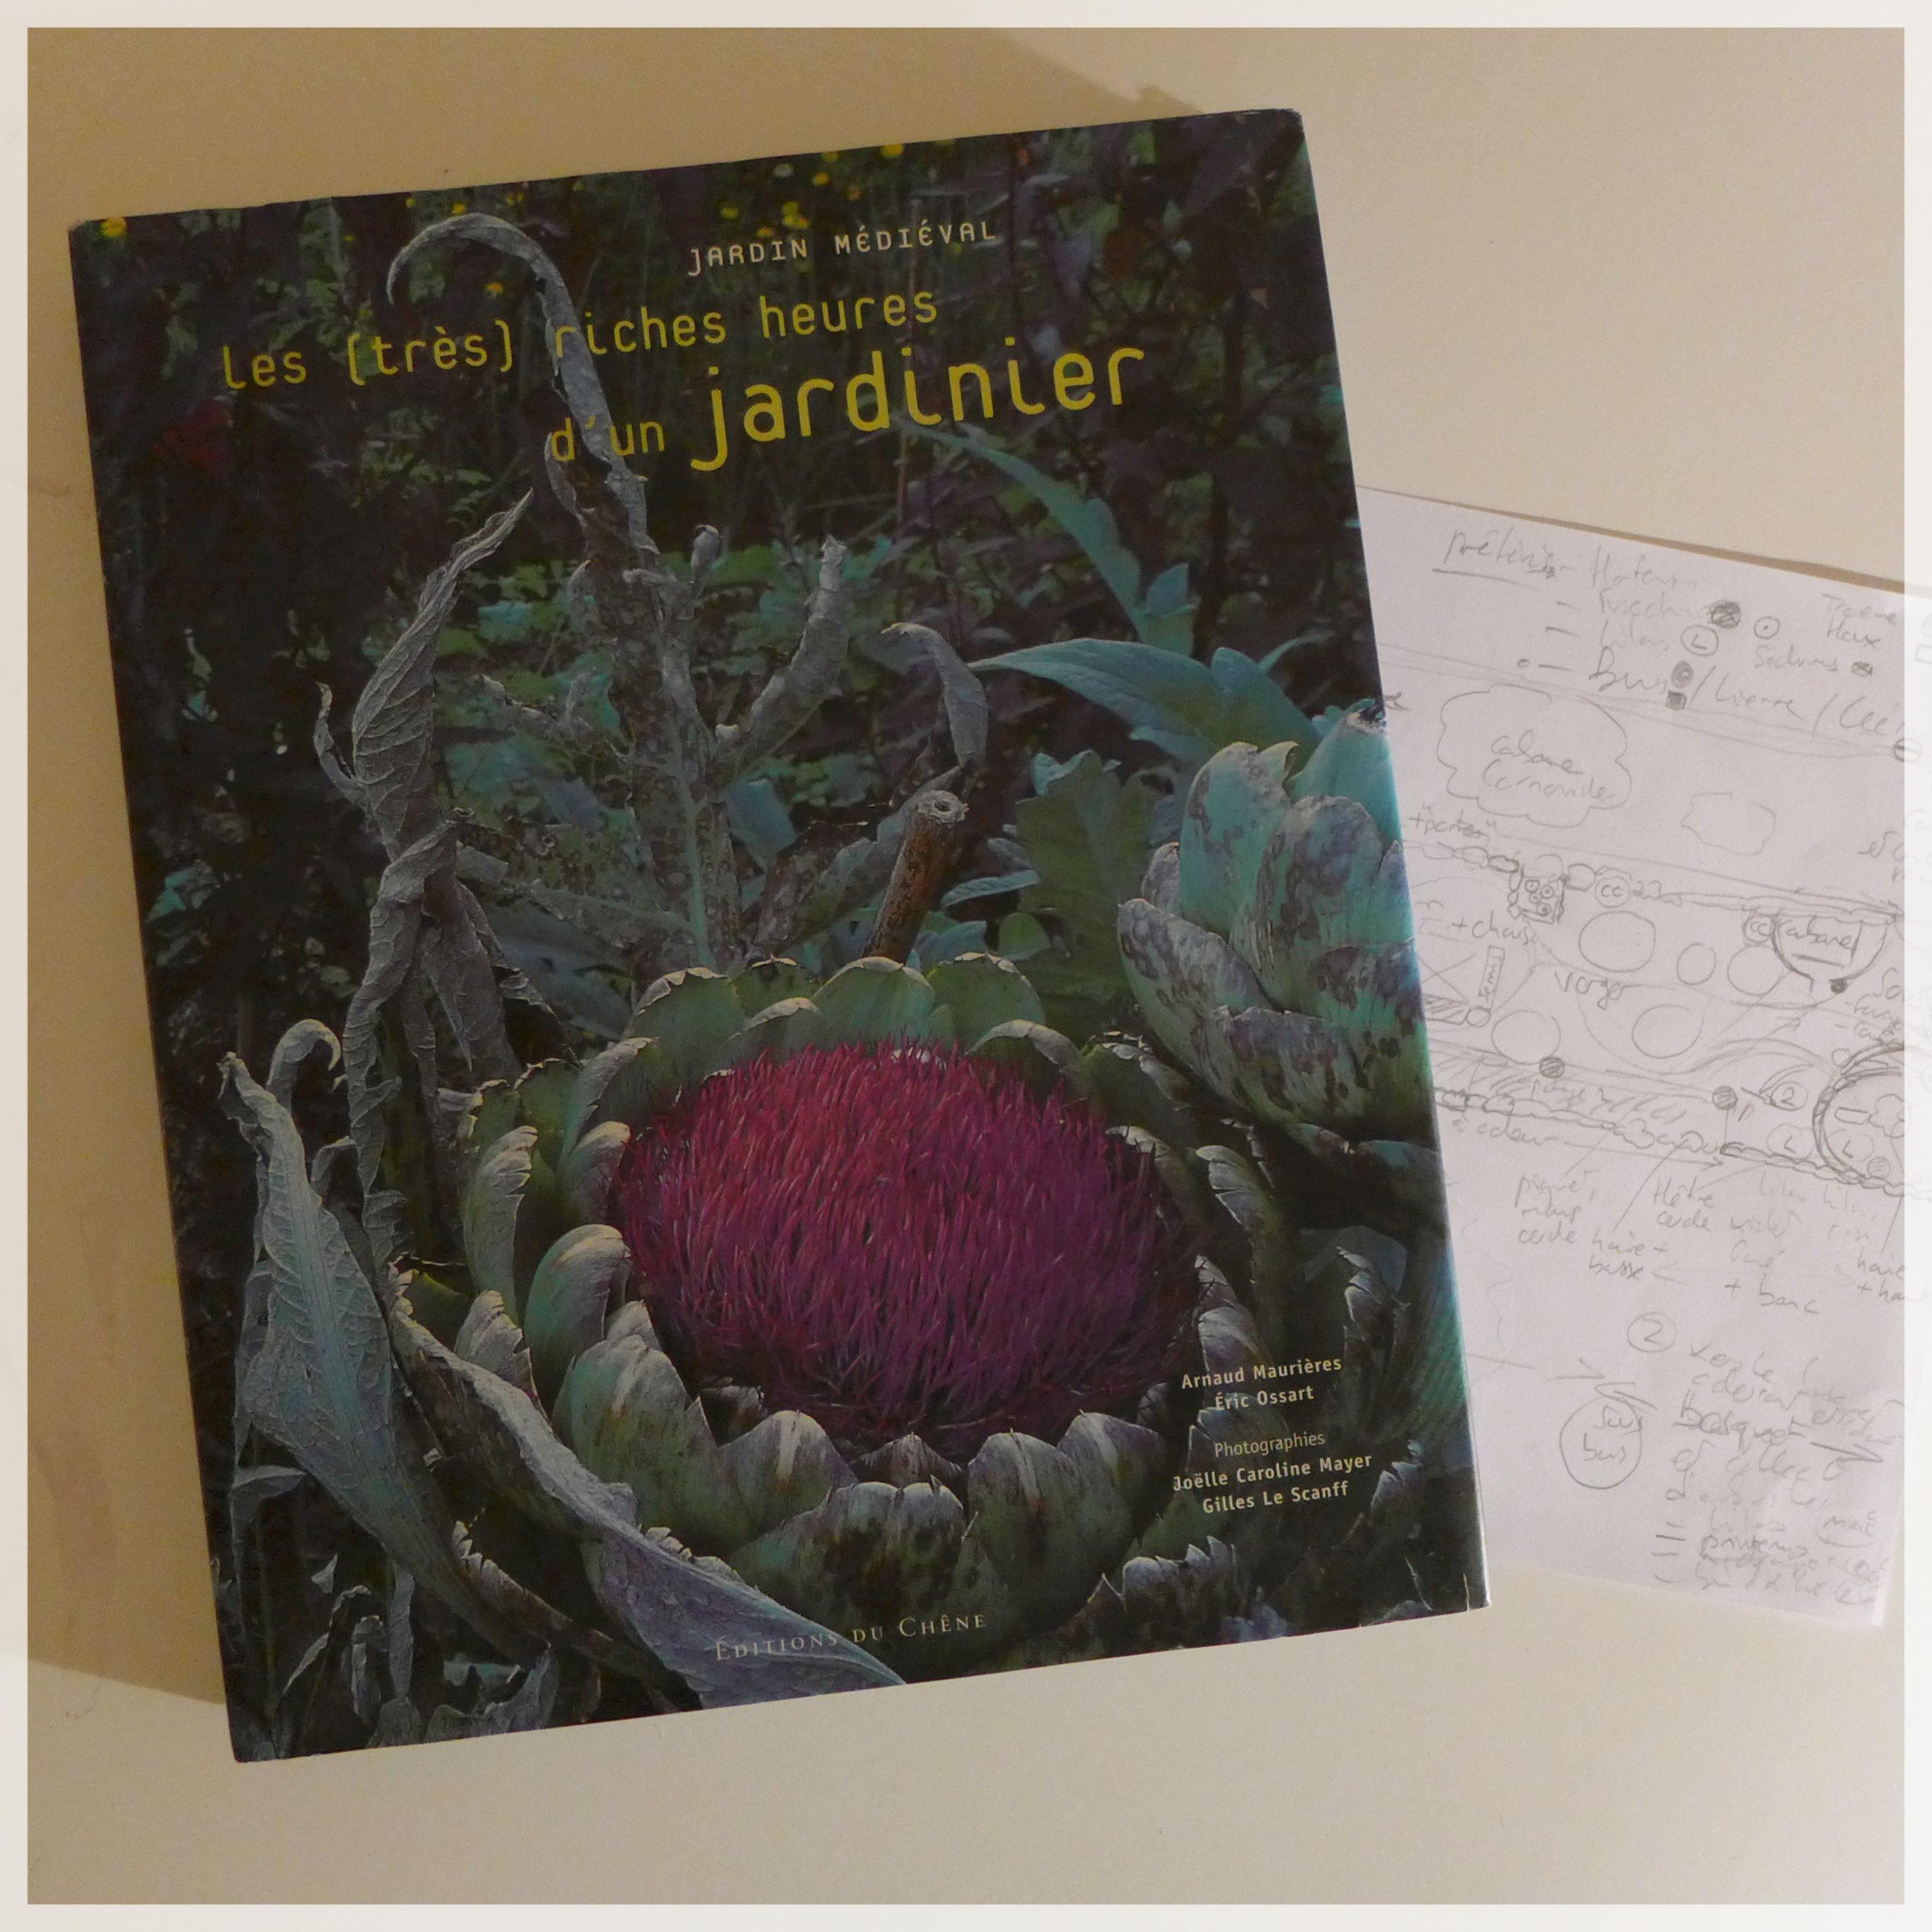 Arnaud Maurières et Éric Ossart, Jardin mediéval: les très riches heures d'un jardinier, Éditions du Chêne